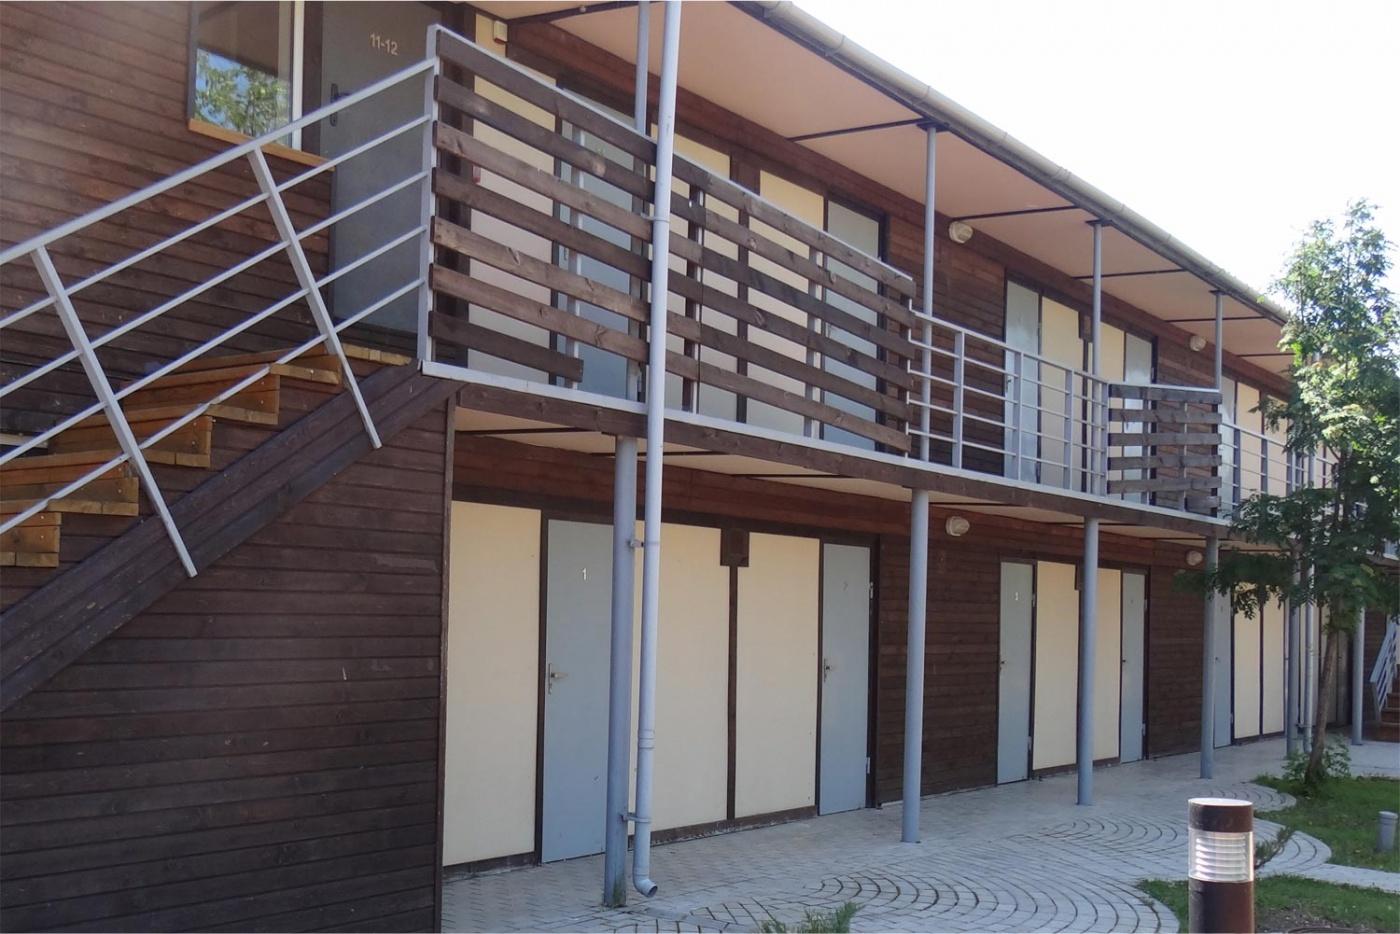 База отдыха «Подсолнух» Саратовская область 4-местный номер в Летнем корпусе, фото 1